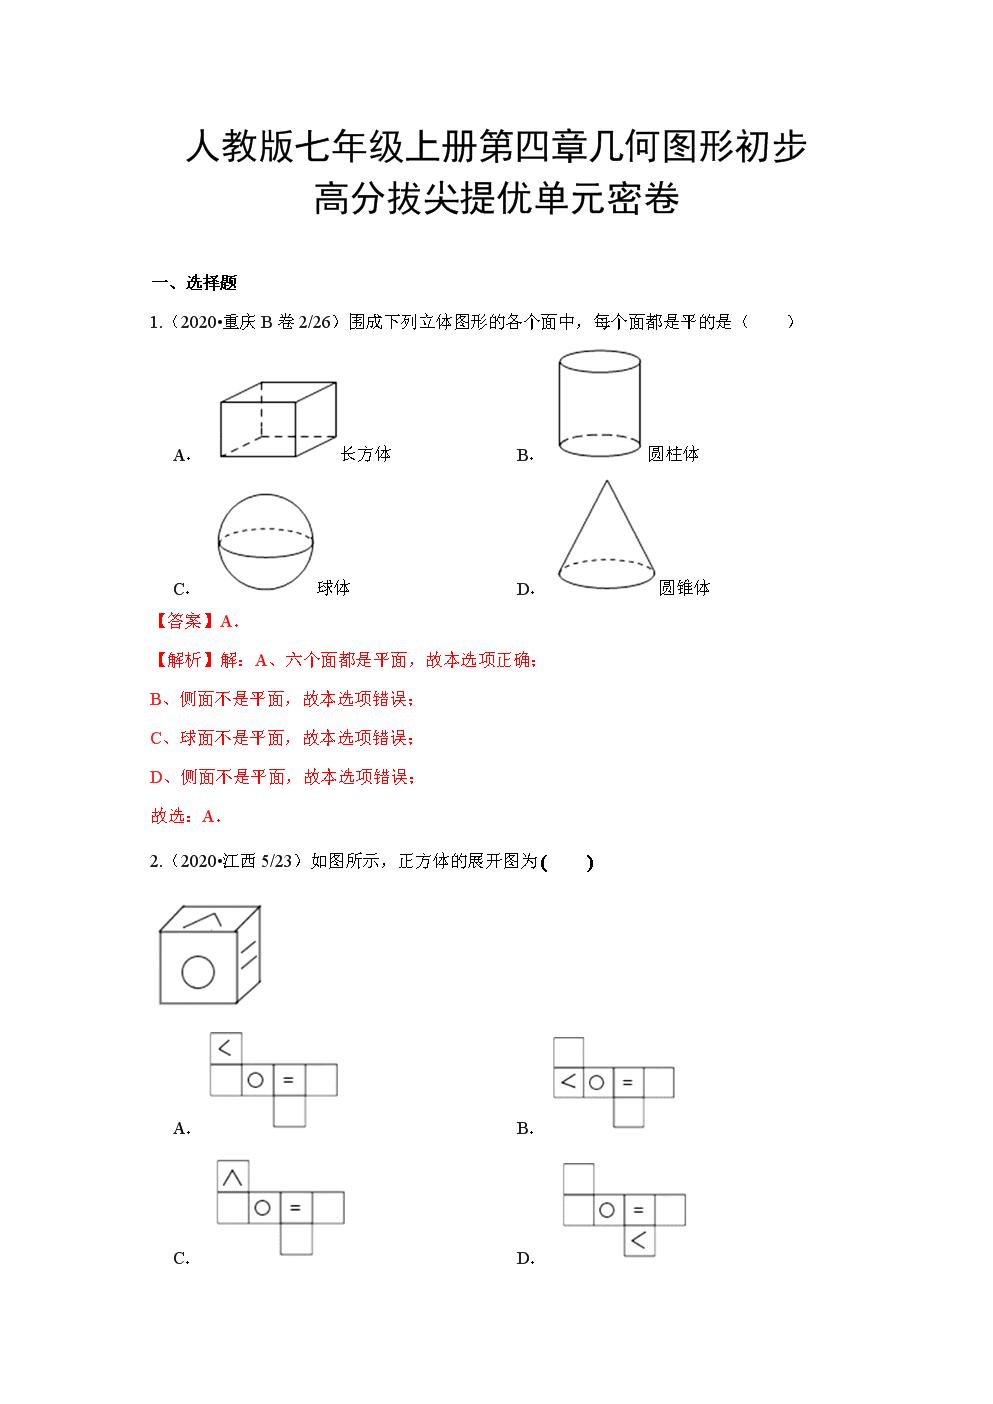 第四章 几何图形初步(解析版).docx